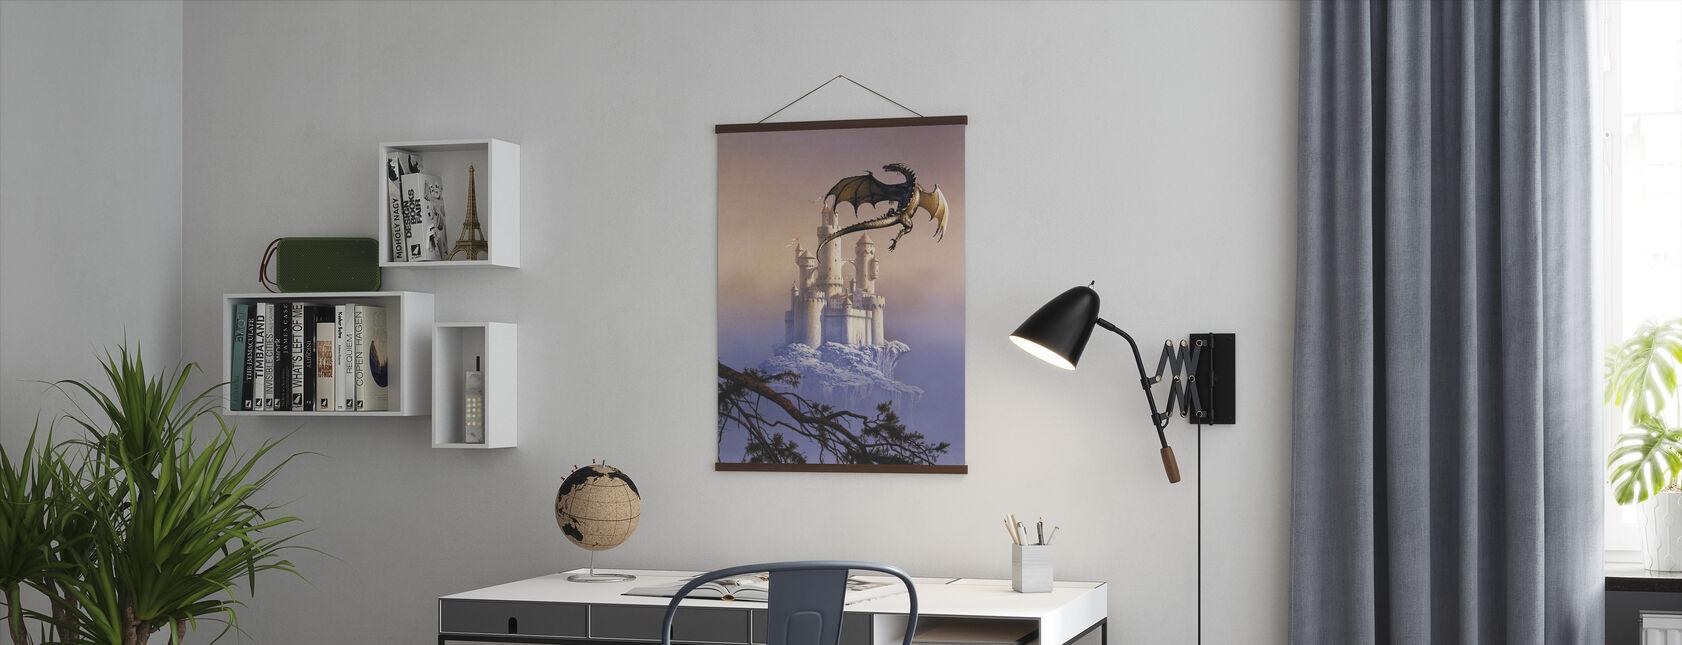 Vliegende draak - Poster - Kantoor